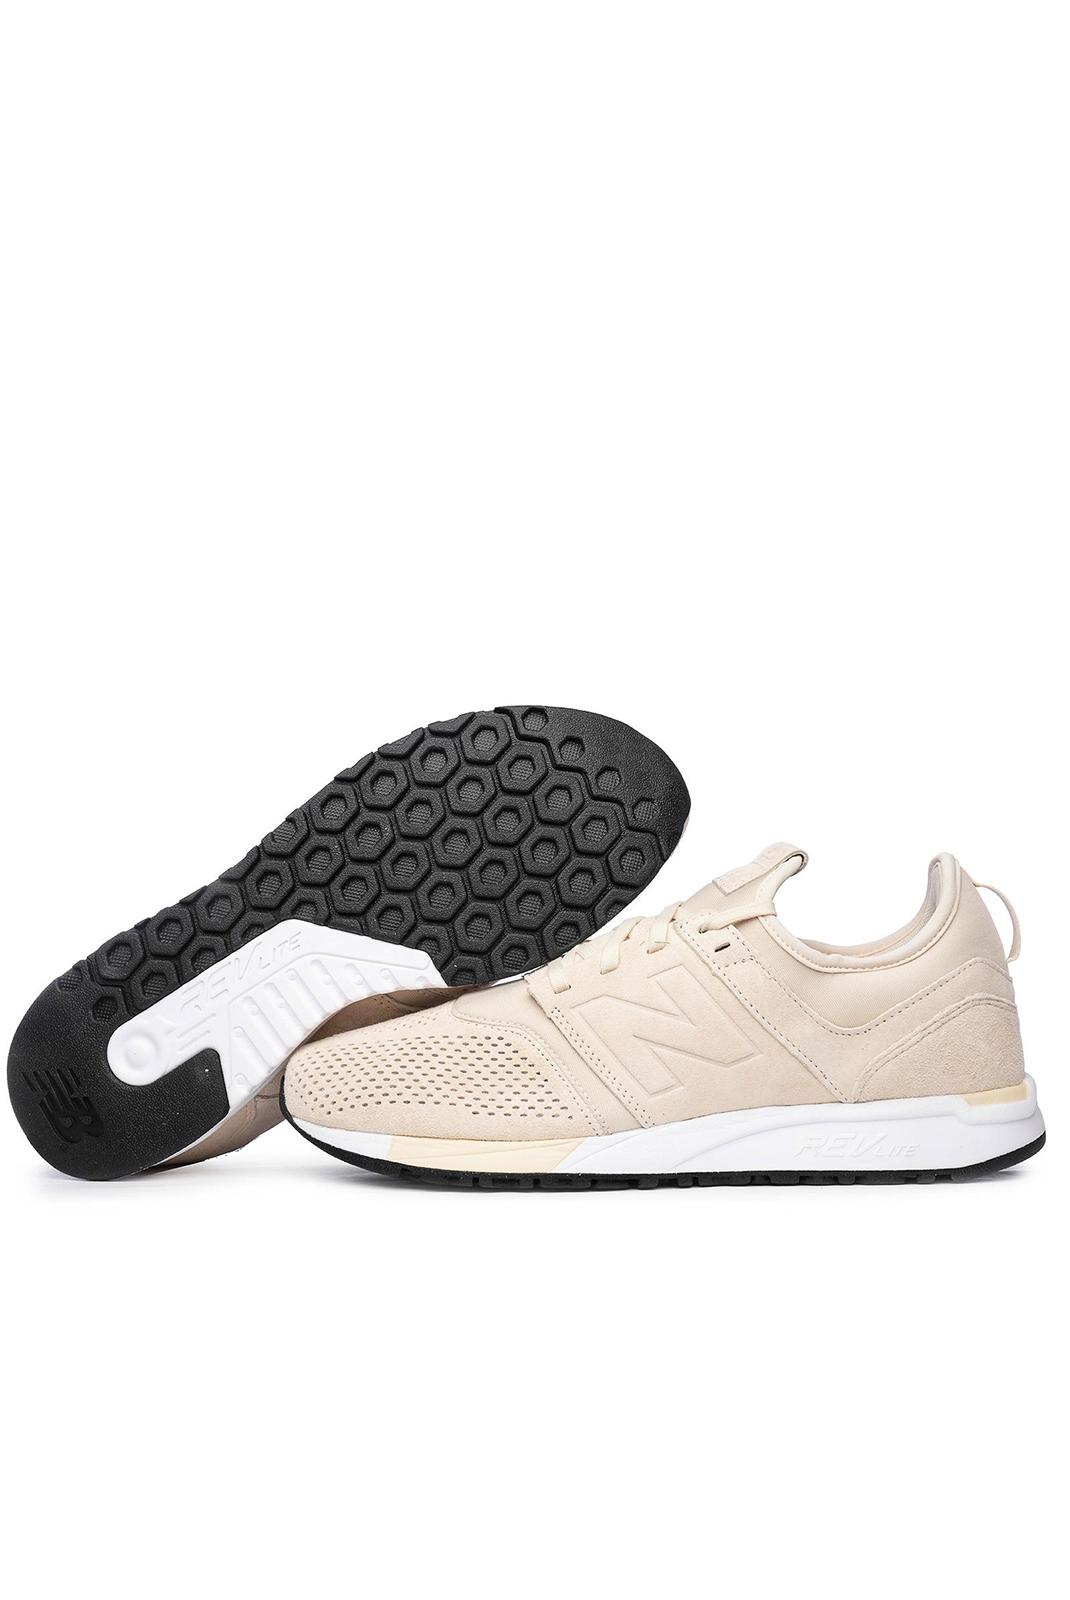 Chaussures  New balance MRL247SA CREME